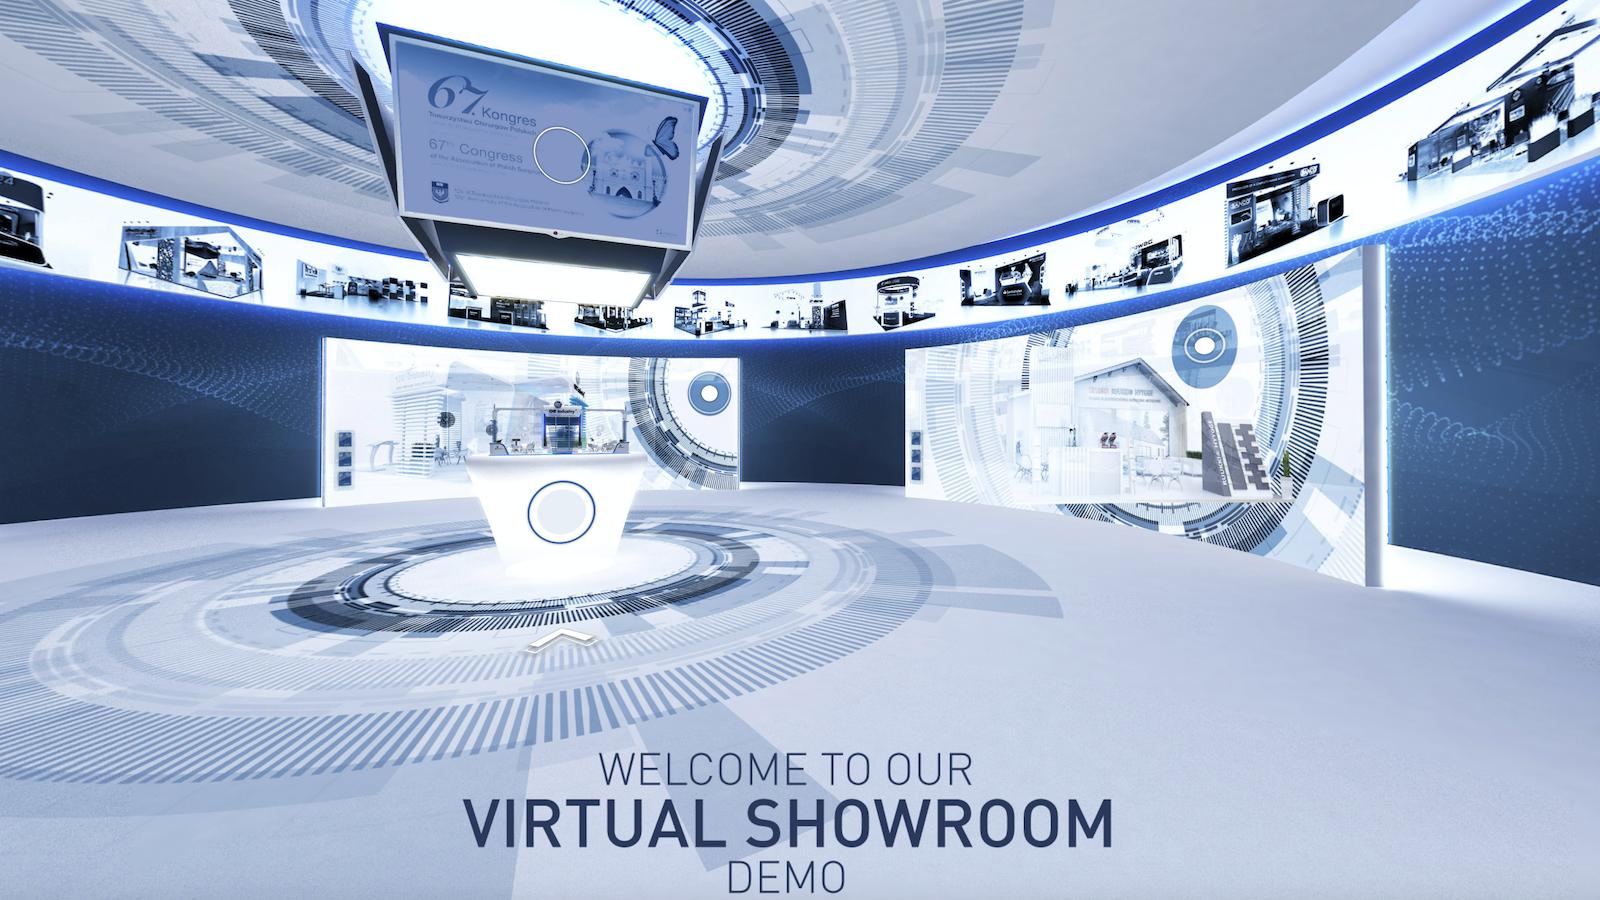 Showroom online 360